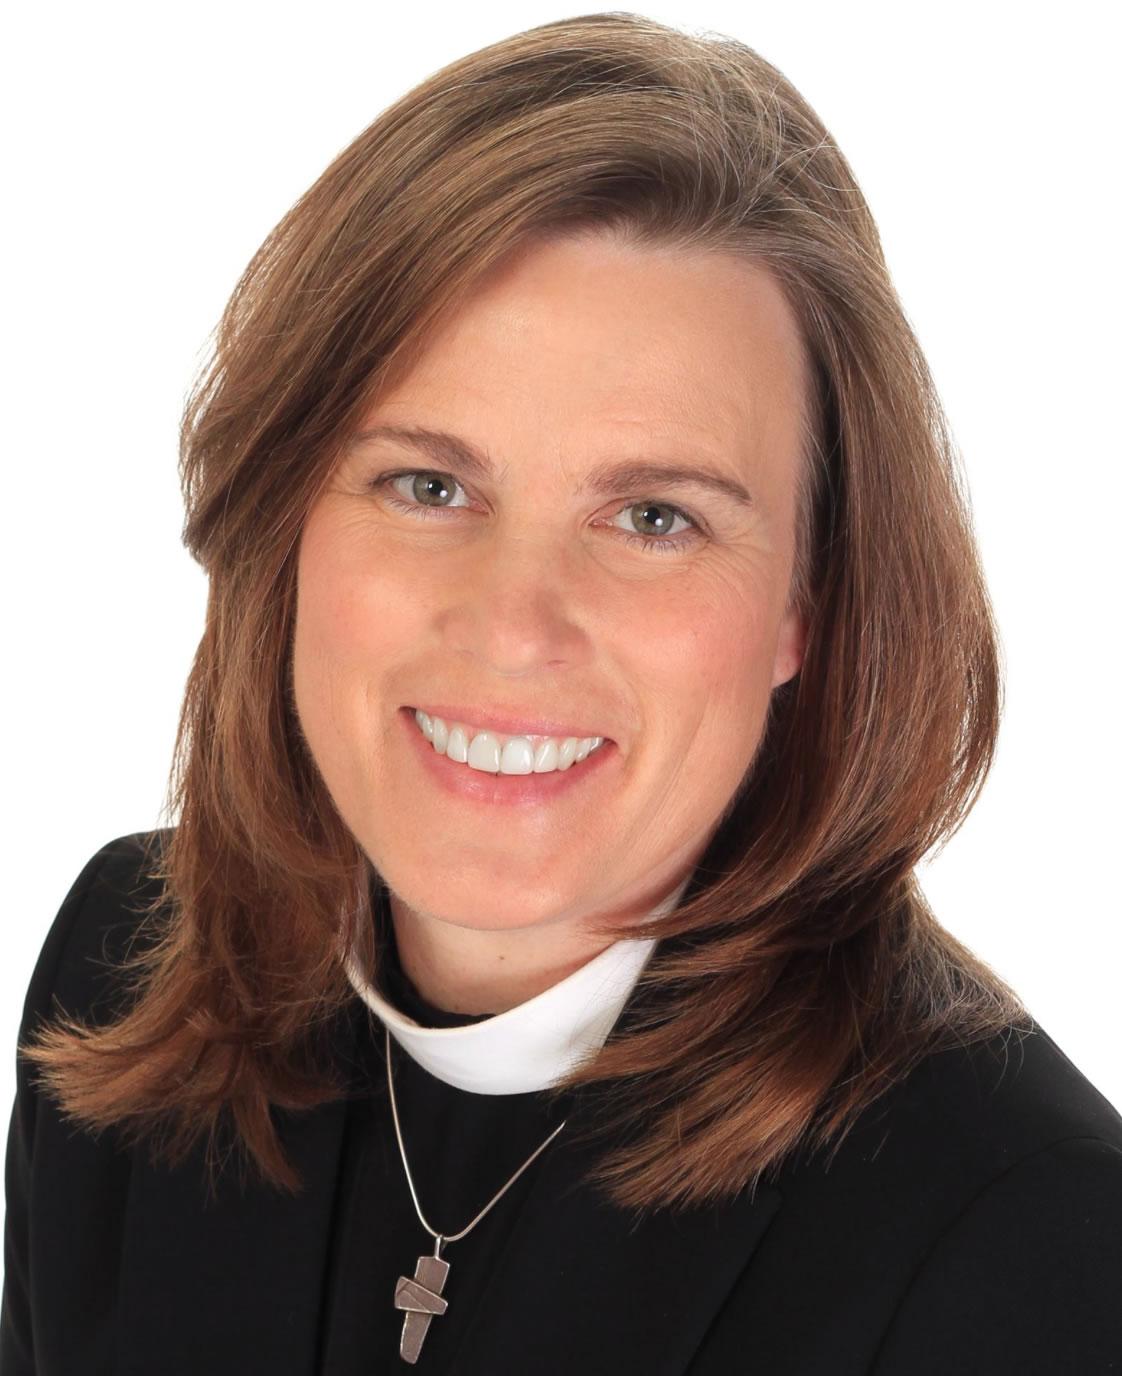 The Rev. Andrea McMillin, Canon to the Ordinary